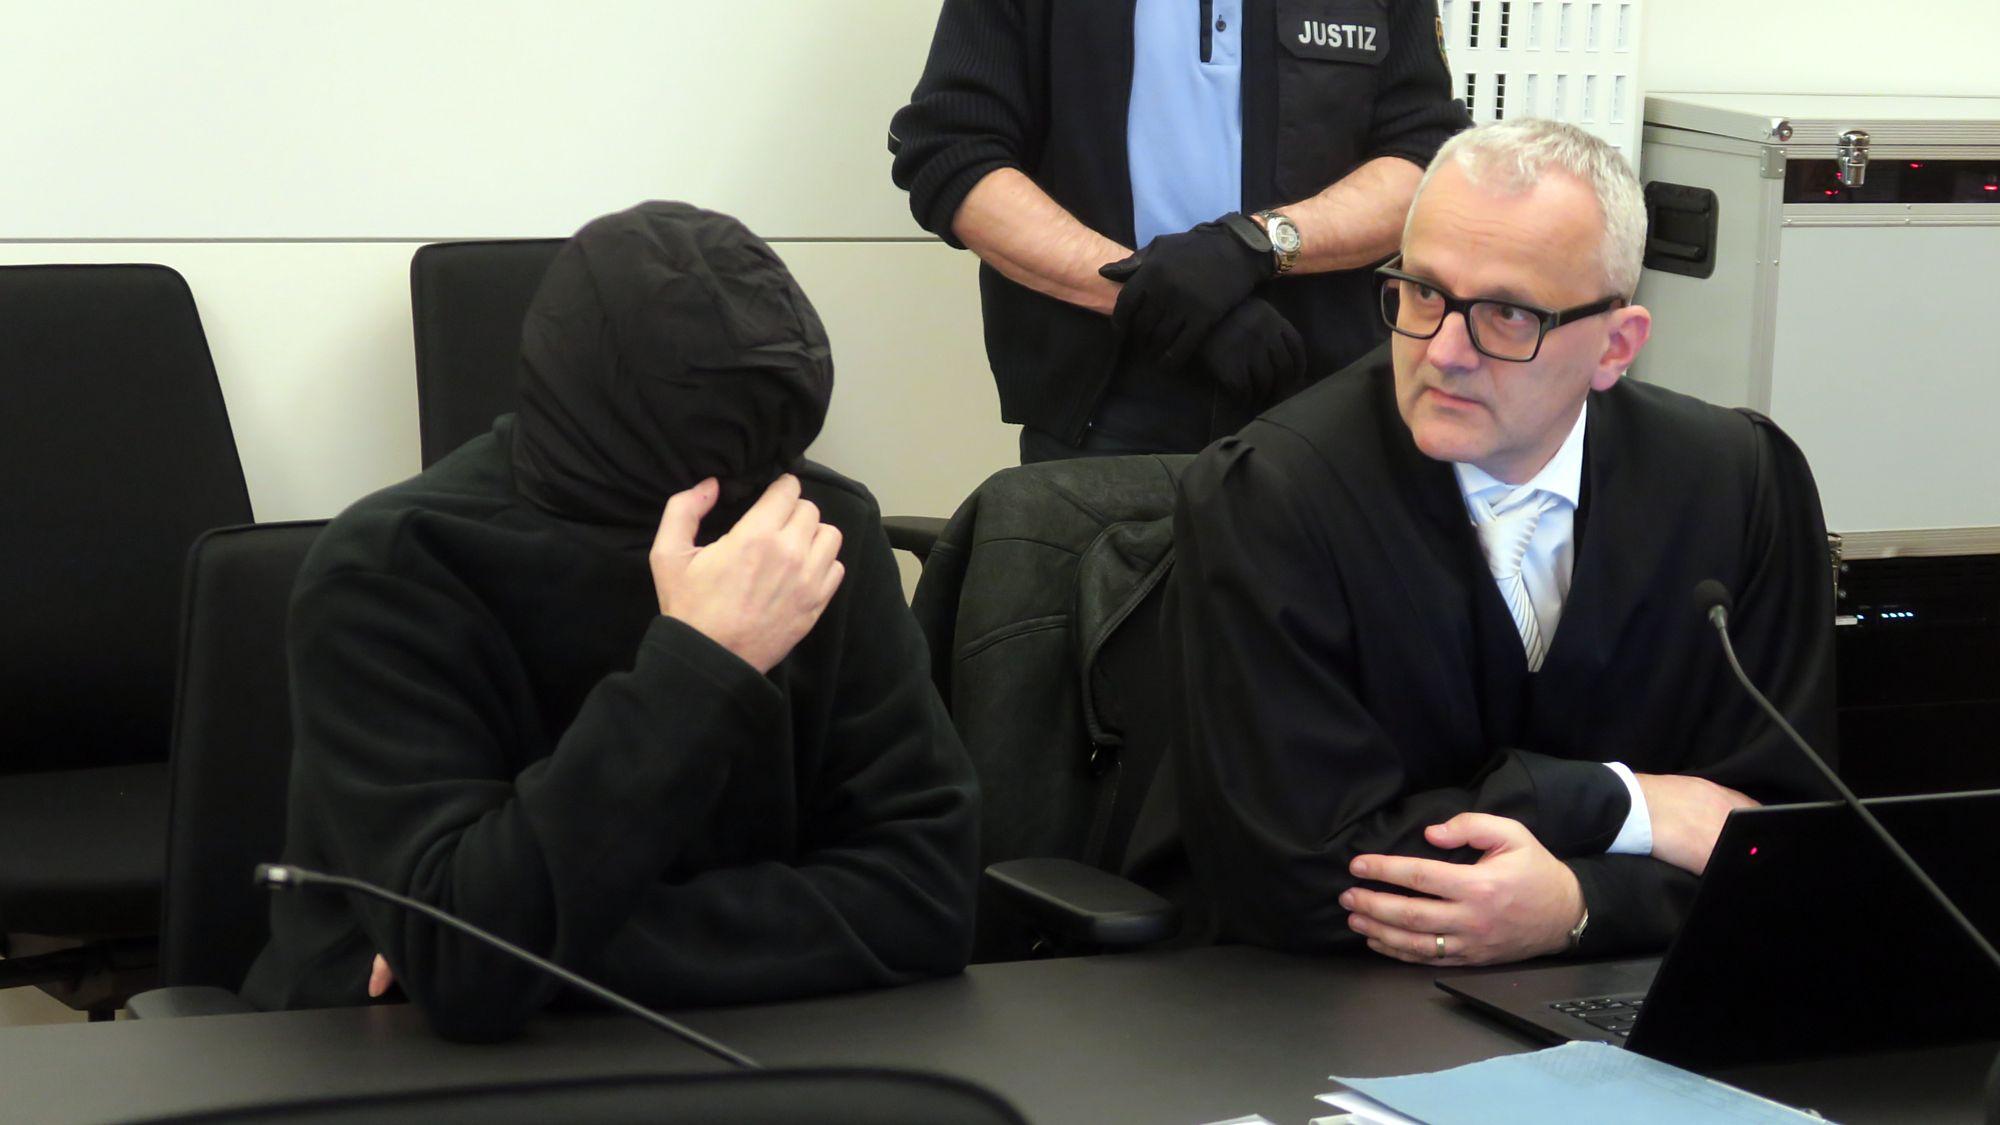 Zum Prozessauftakt verhüllte sich der Angeklagte komplett, neben ihm sein Anwalt Andreas Boine